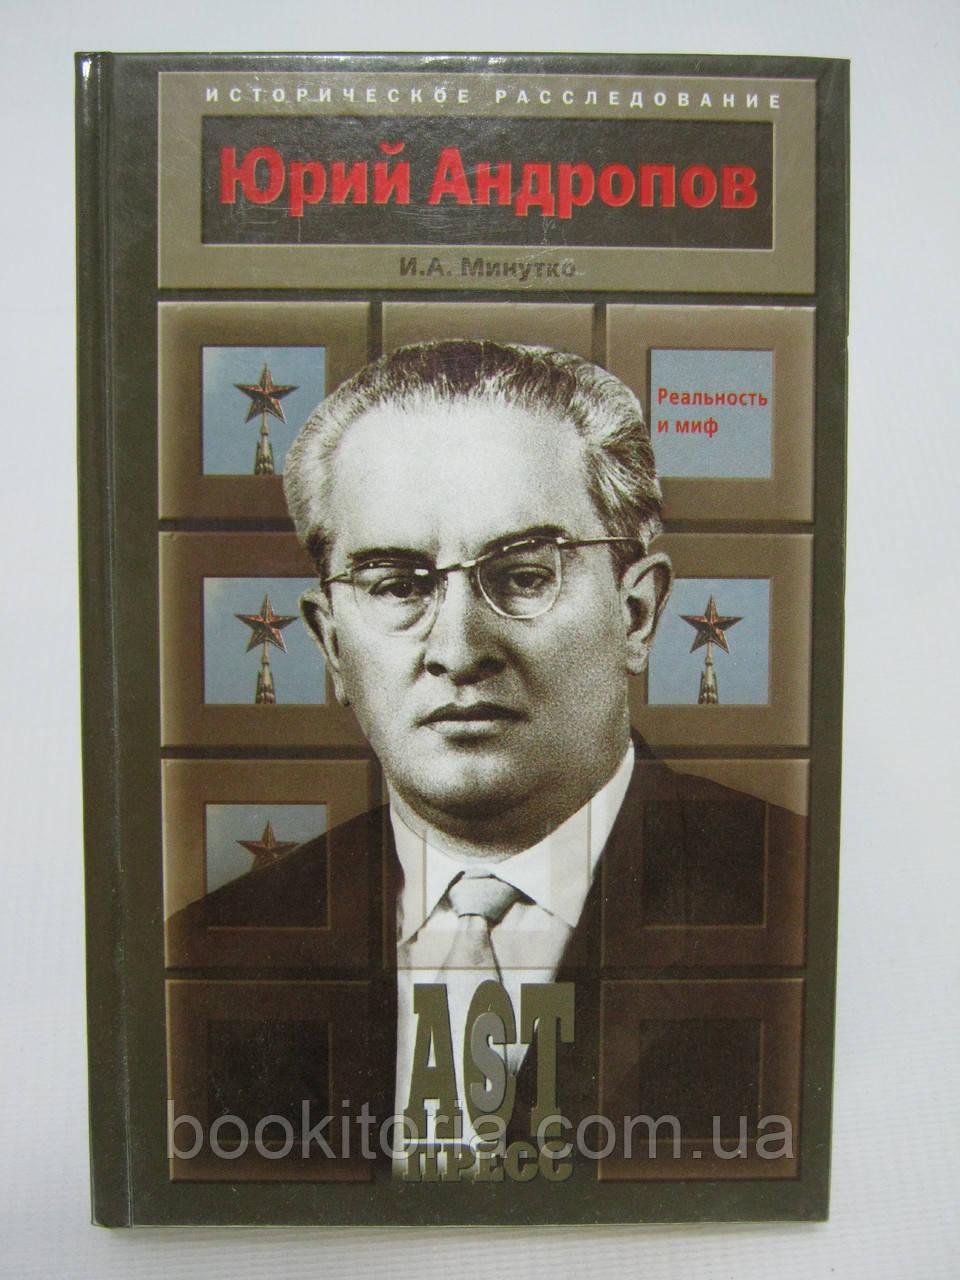 Минутко И.А. Юрий Андропов. Реальность и миф (б/у).